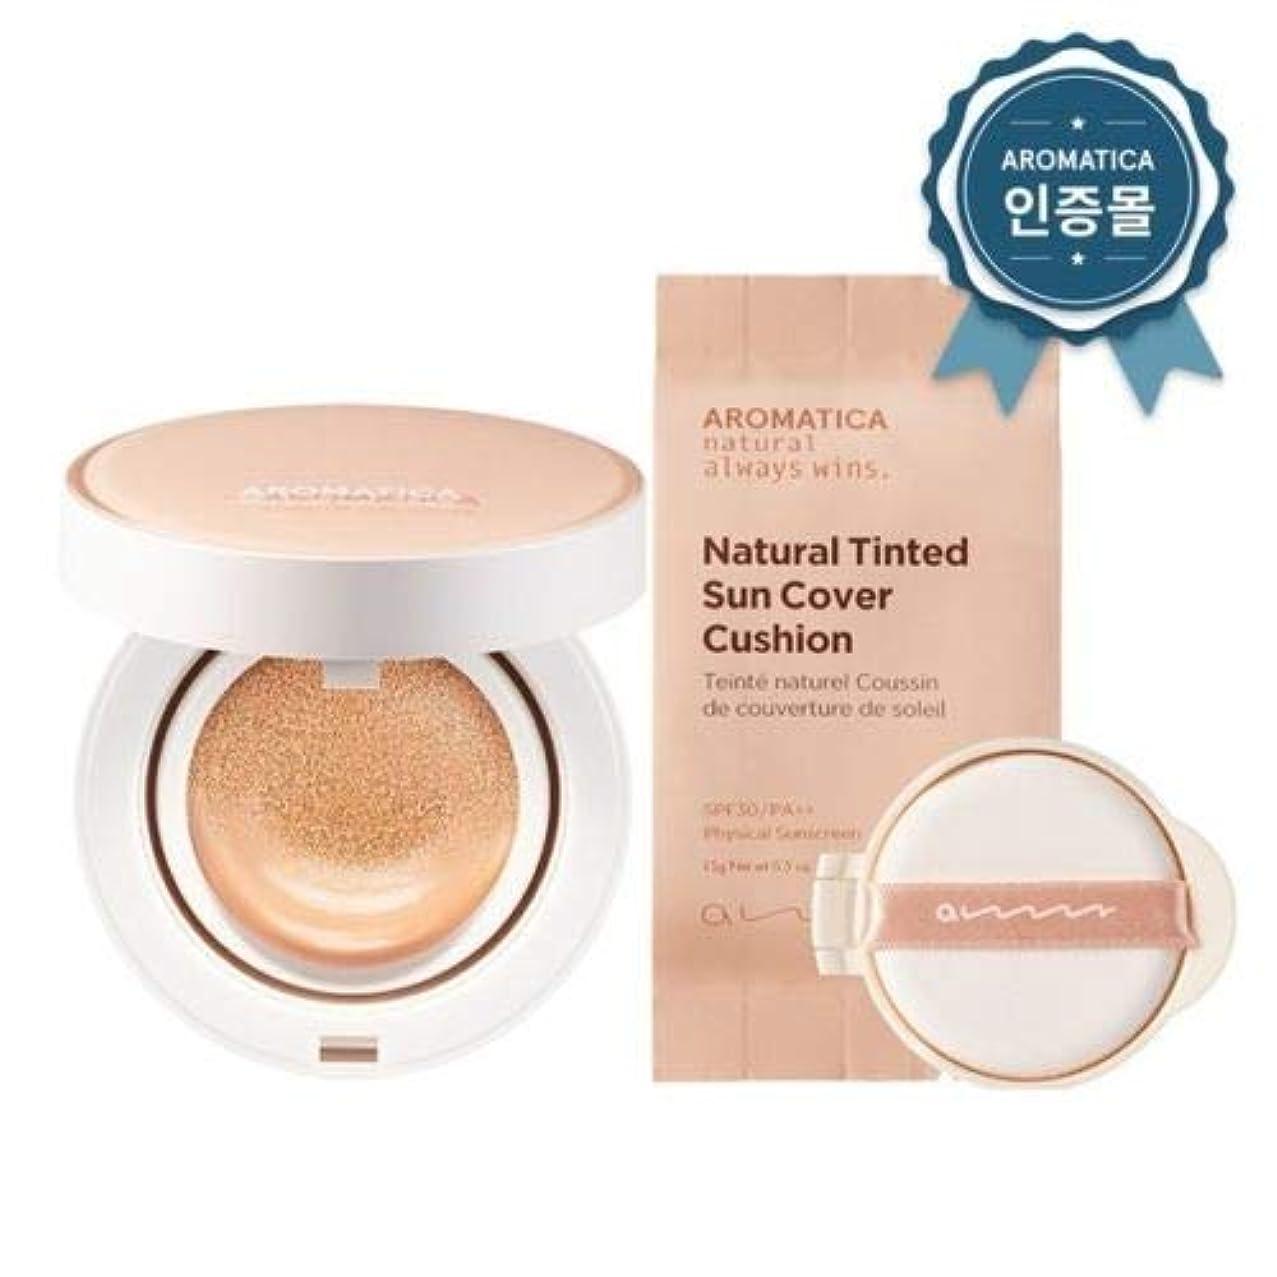 勇気のあるクレジット食品AROMATICA アロマティカ Natural Tinted Sun Cover Cushion サンクッション 本品15g + リフィール15g (ライトベージュ)